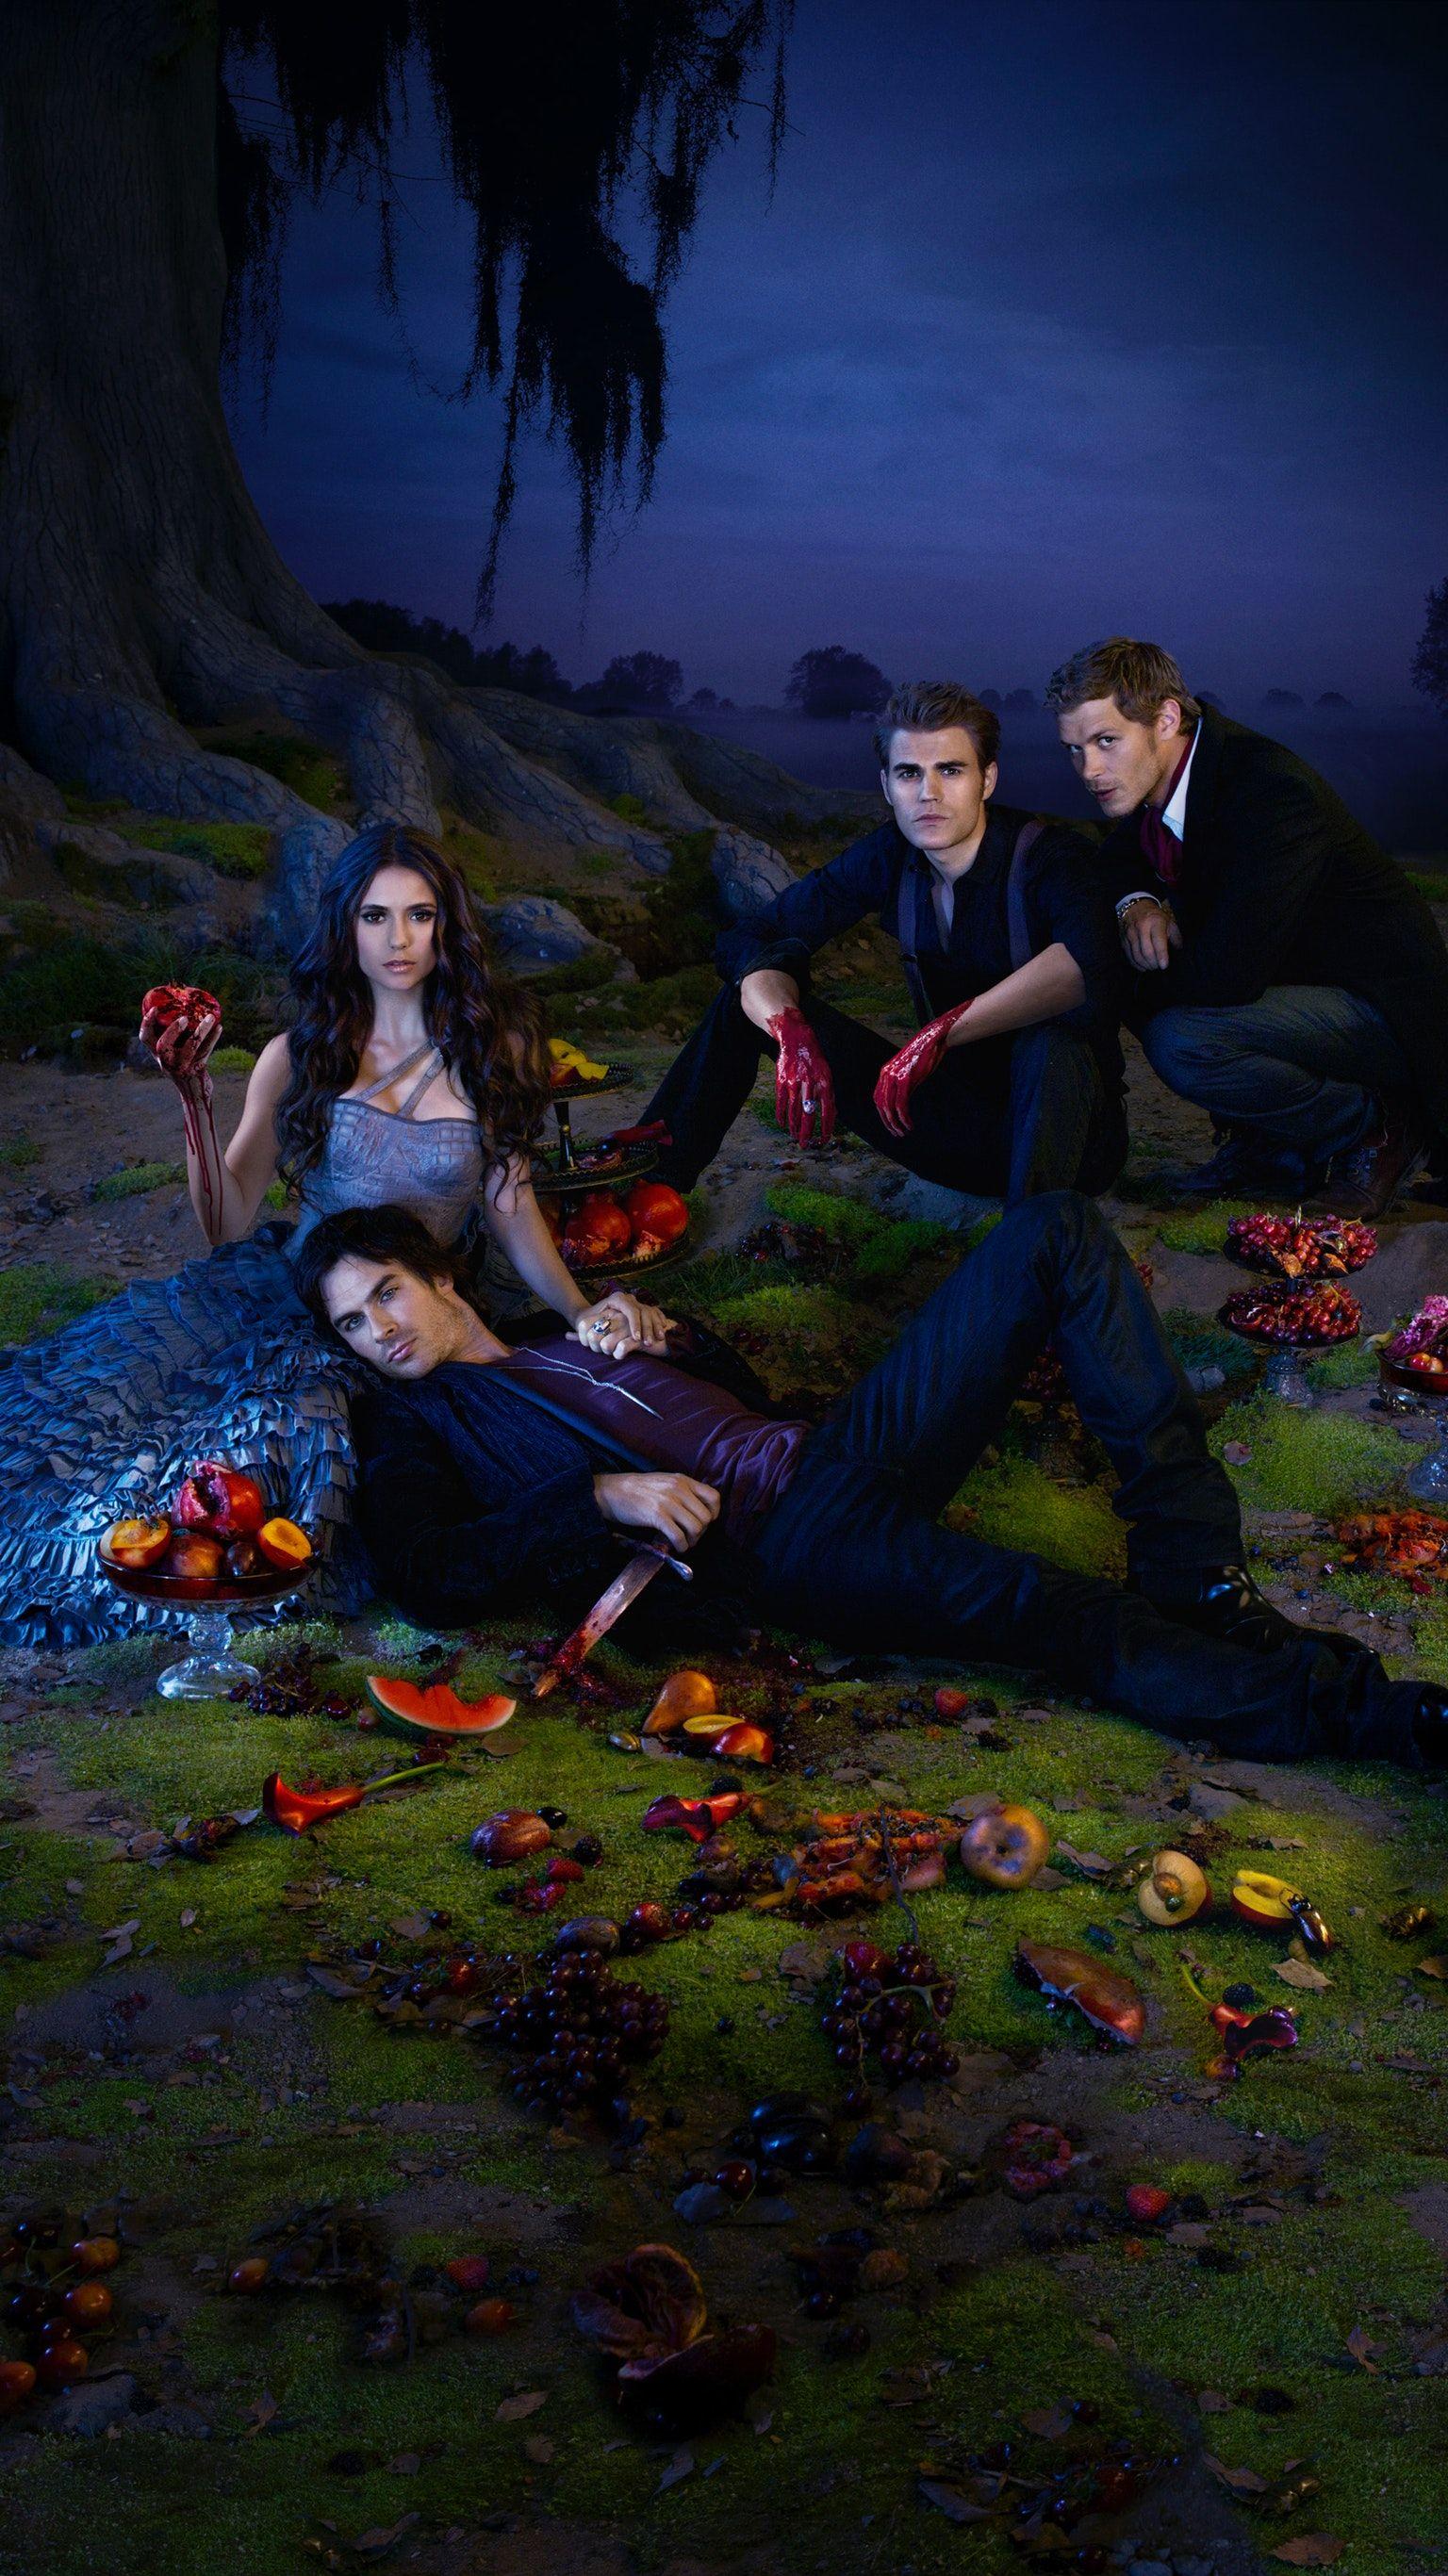 The Vampire Diaries Phone Wallpaper Vampire Diaries Memes